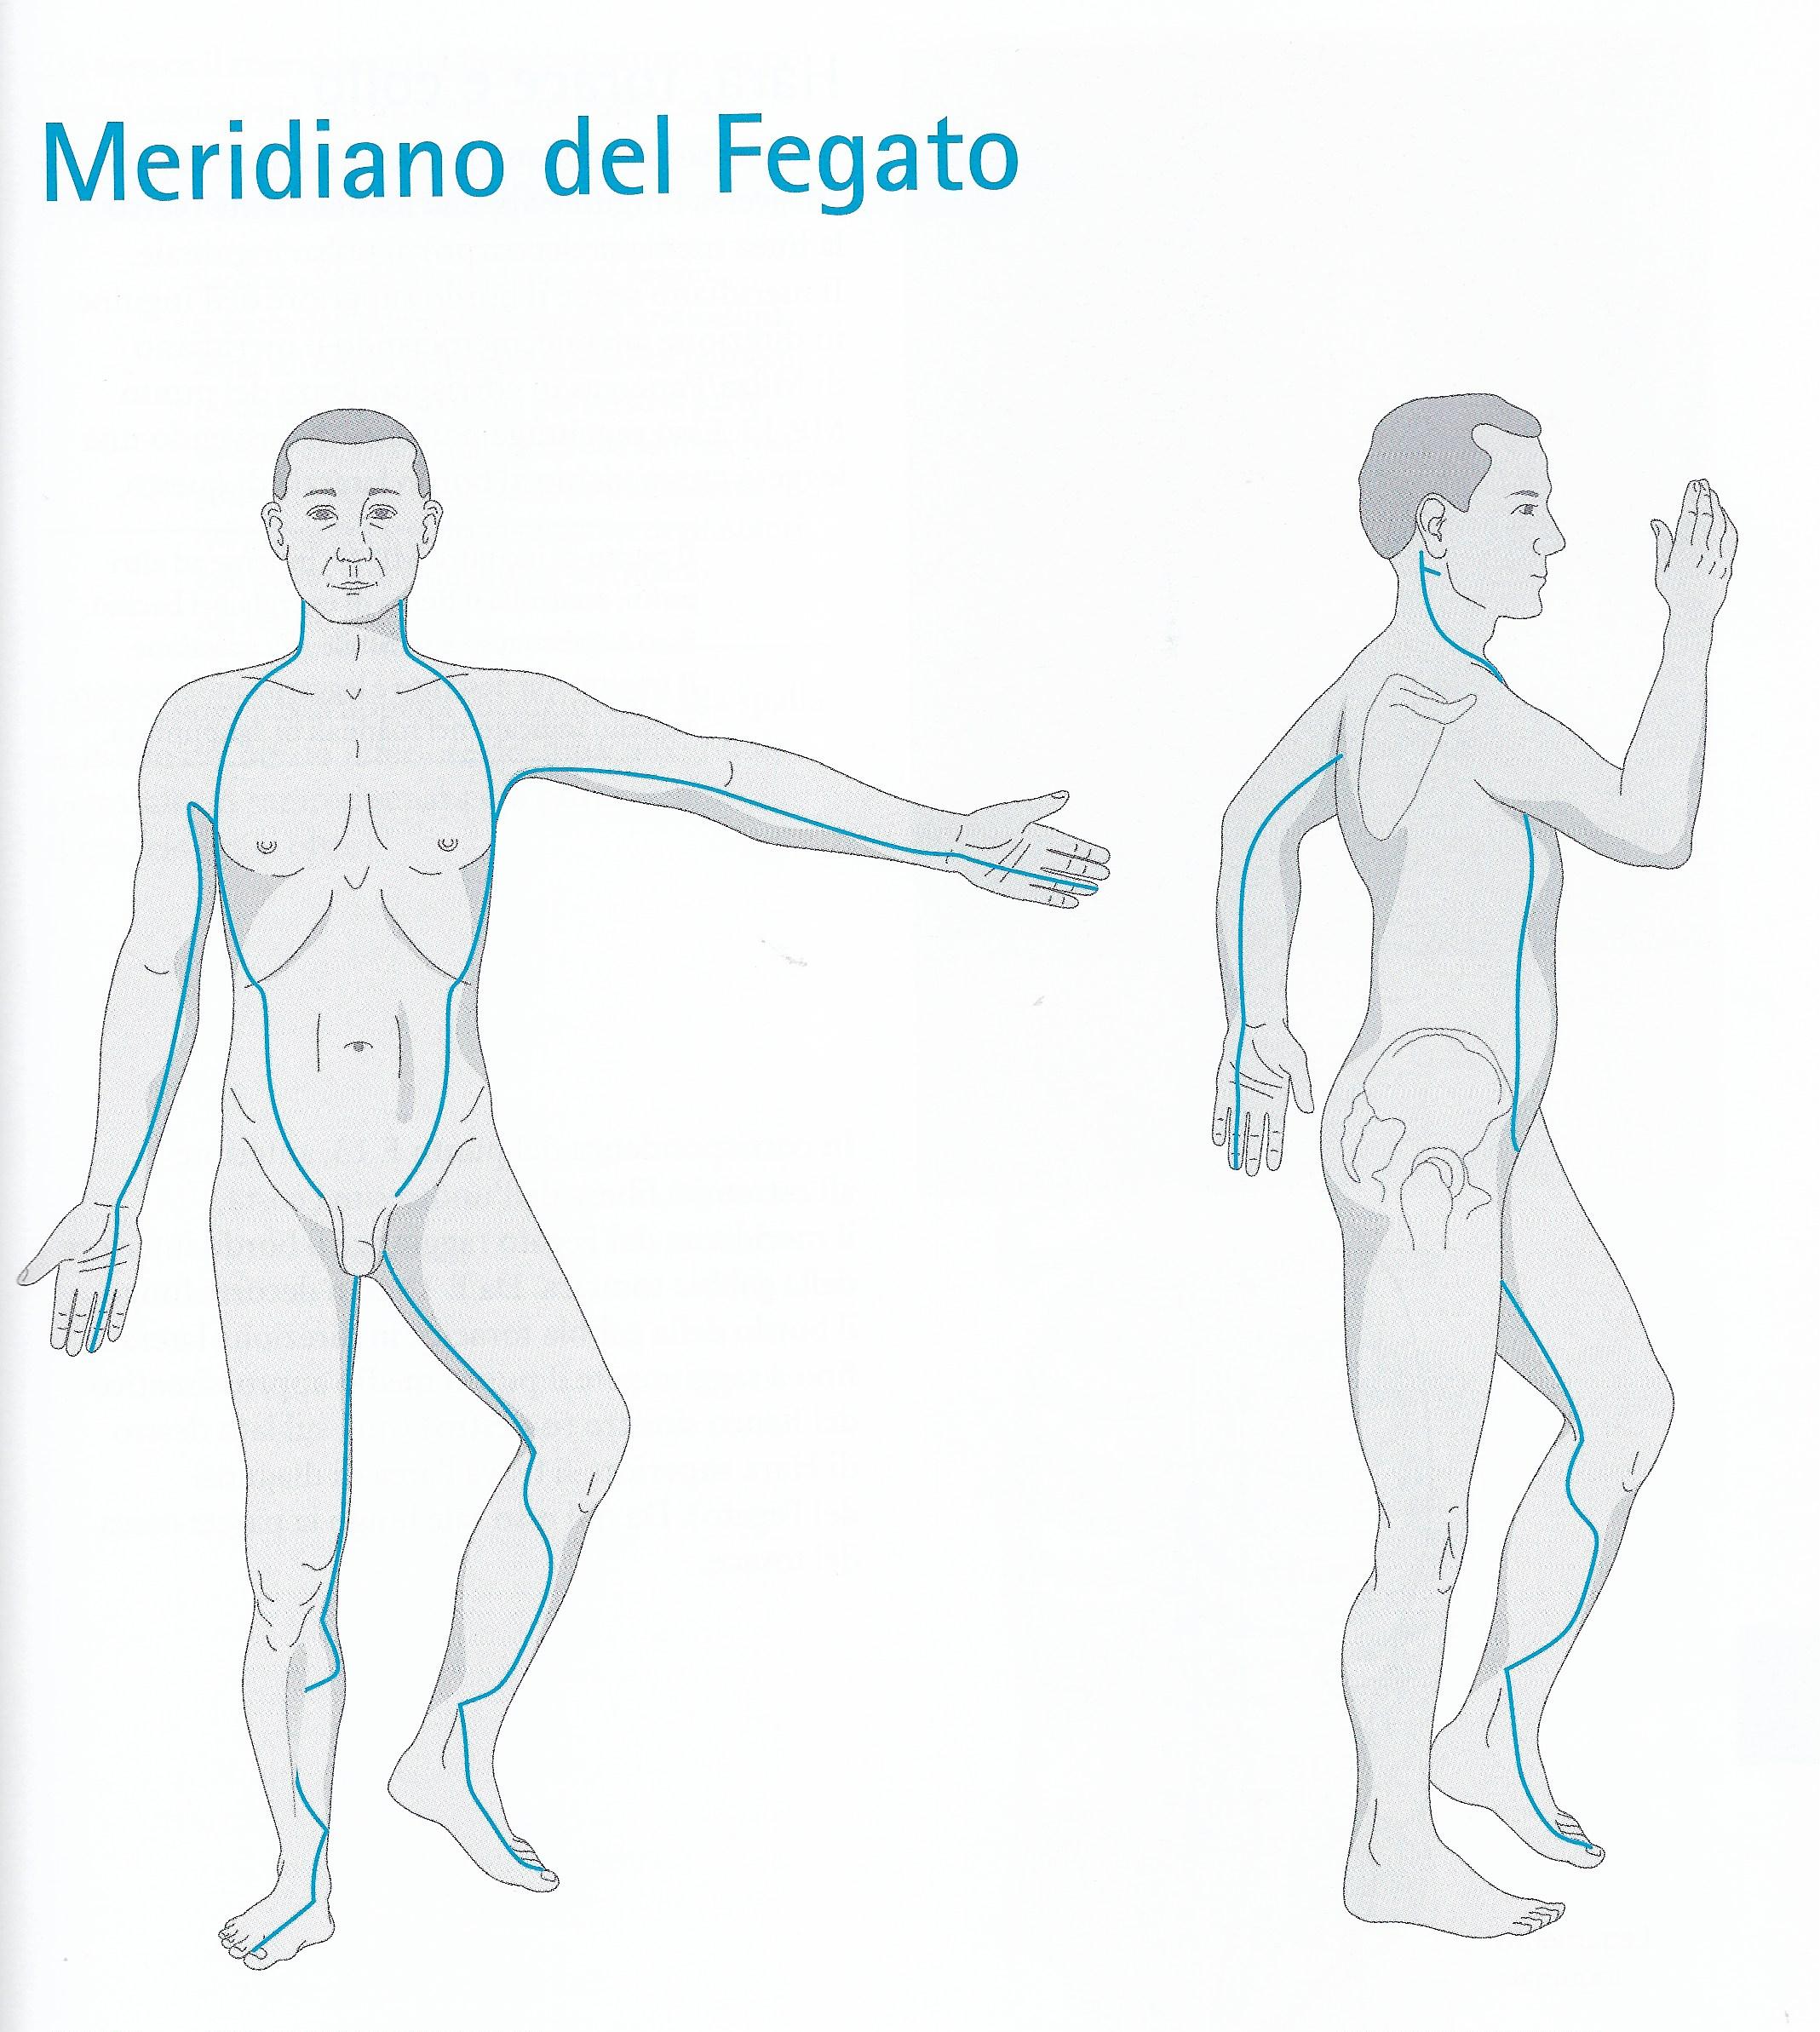 Risultati immagini per meridiano di fegato